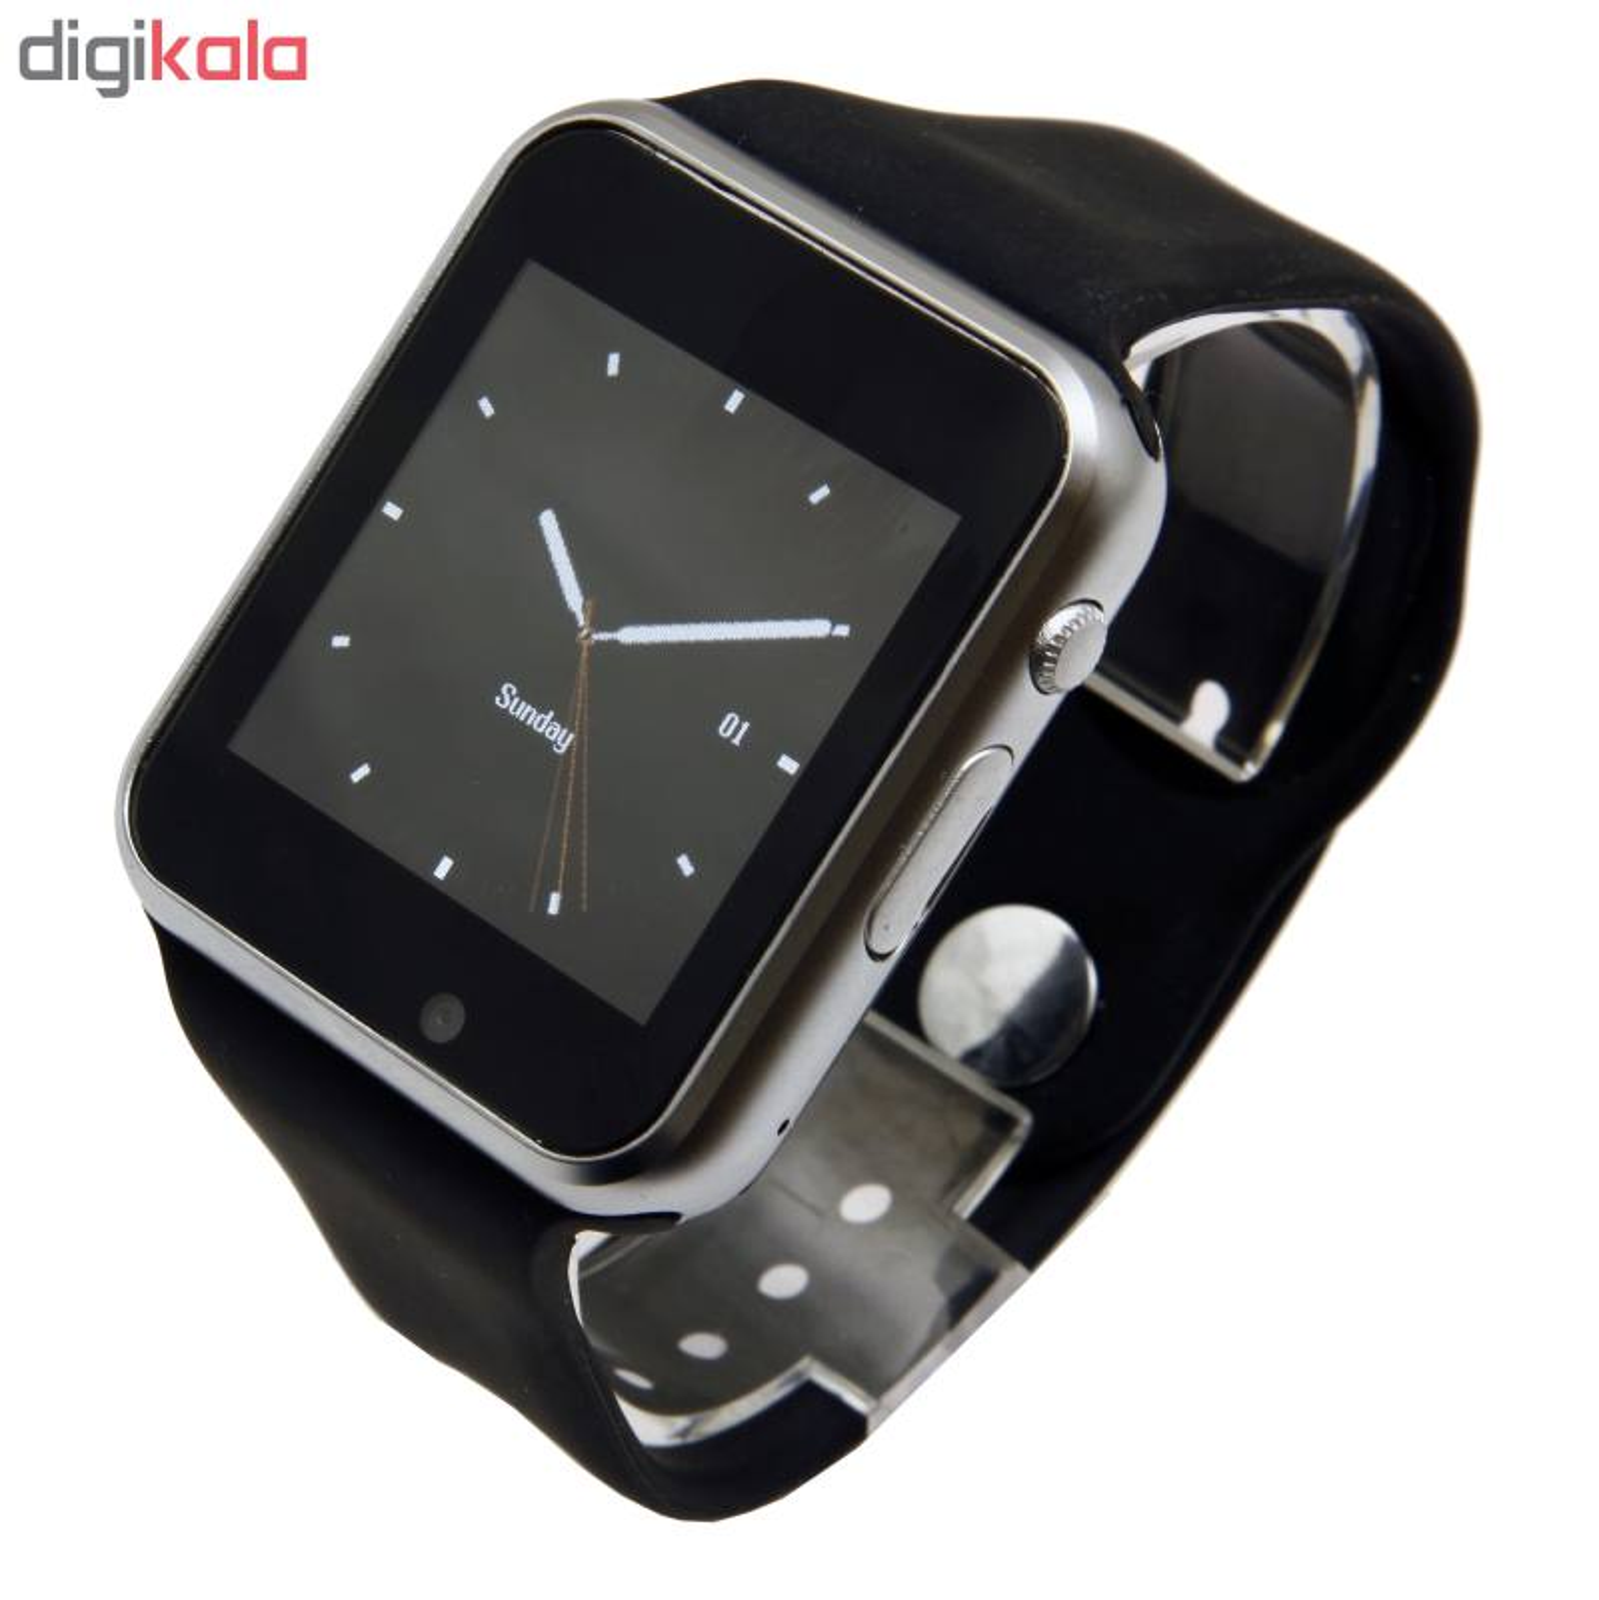 ساعت هوشمند جی تب مدل W101 main 1 23